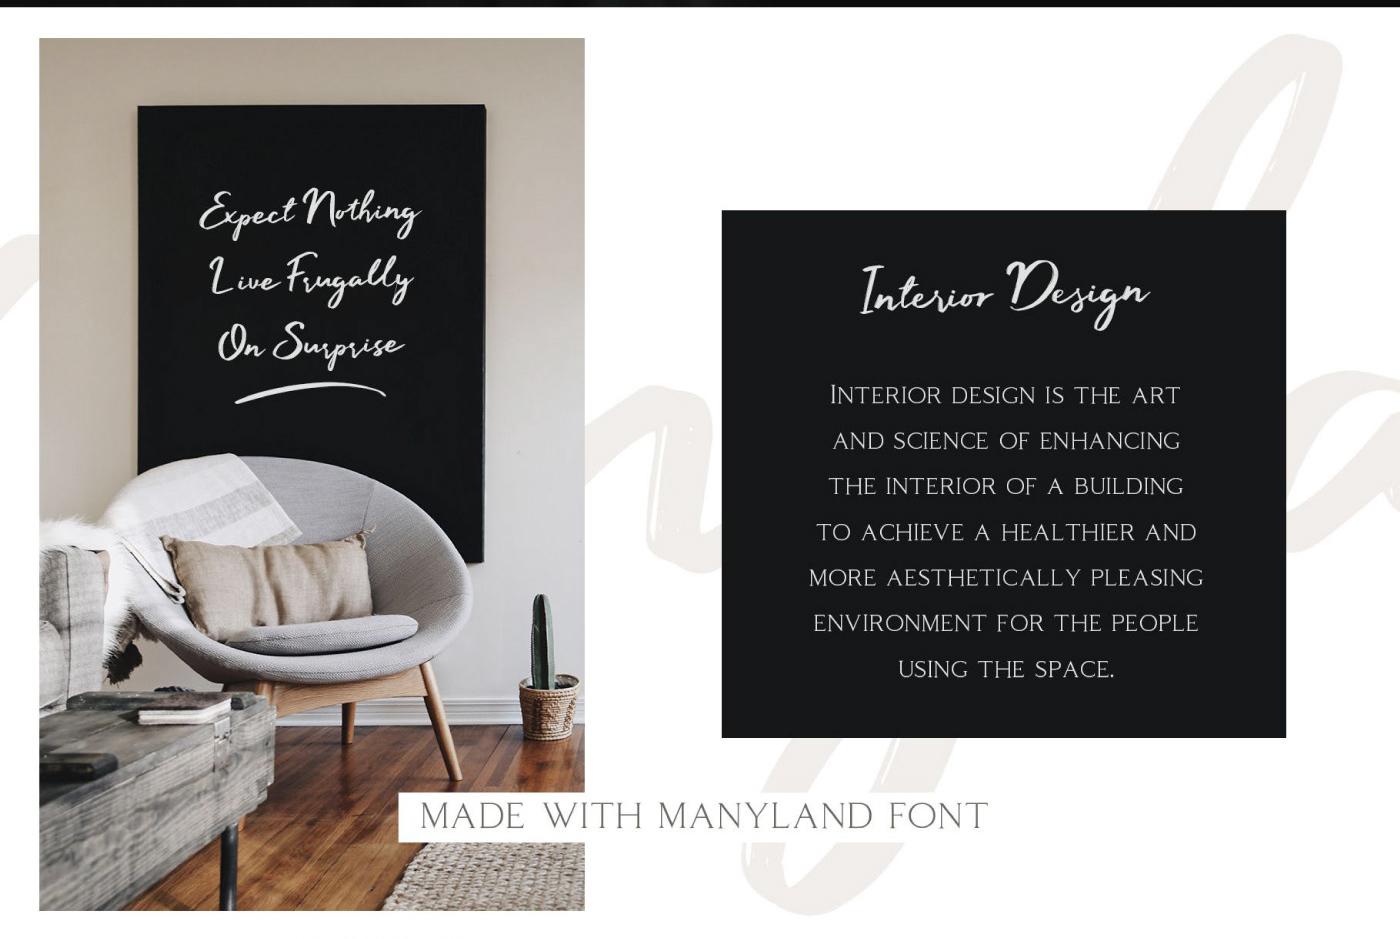 Manyland Free Font - script